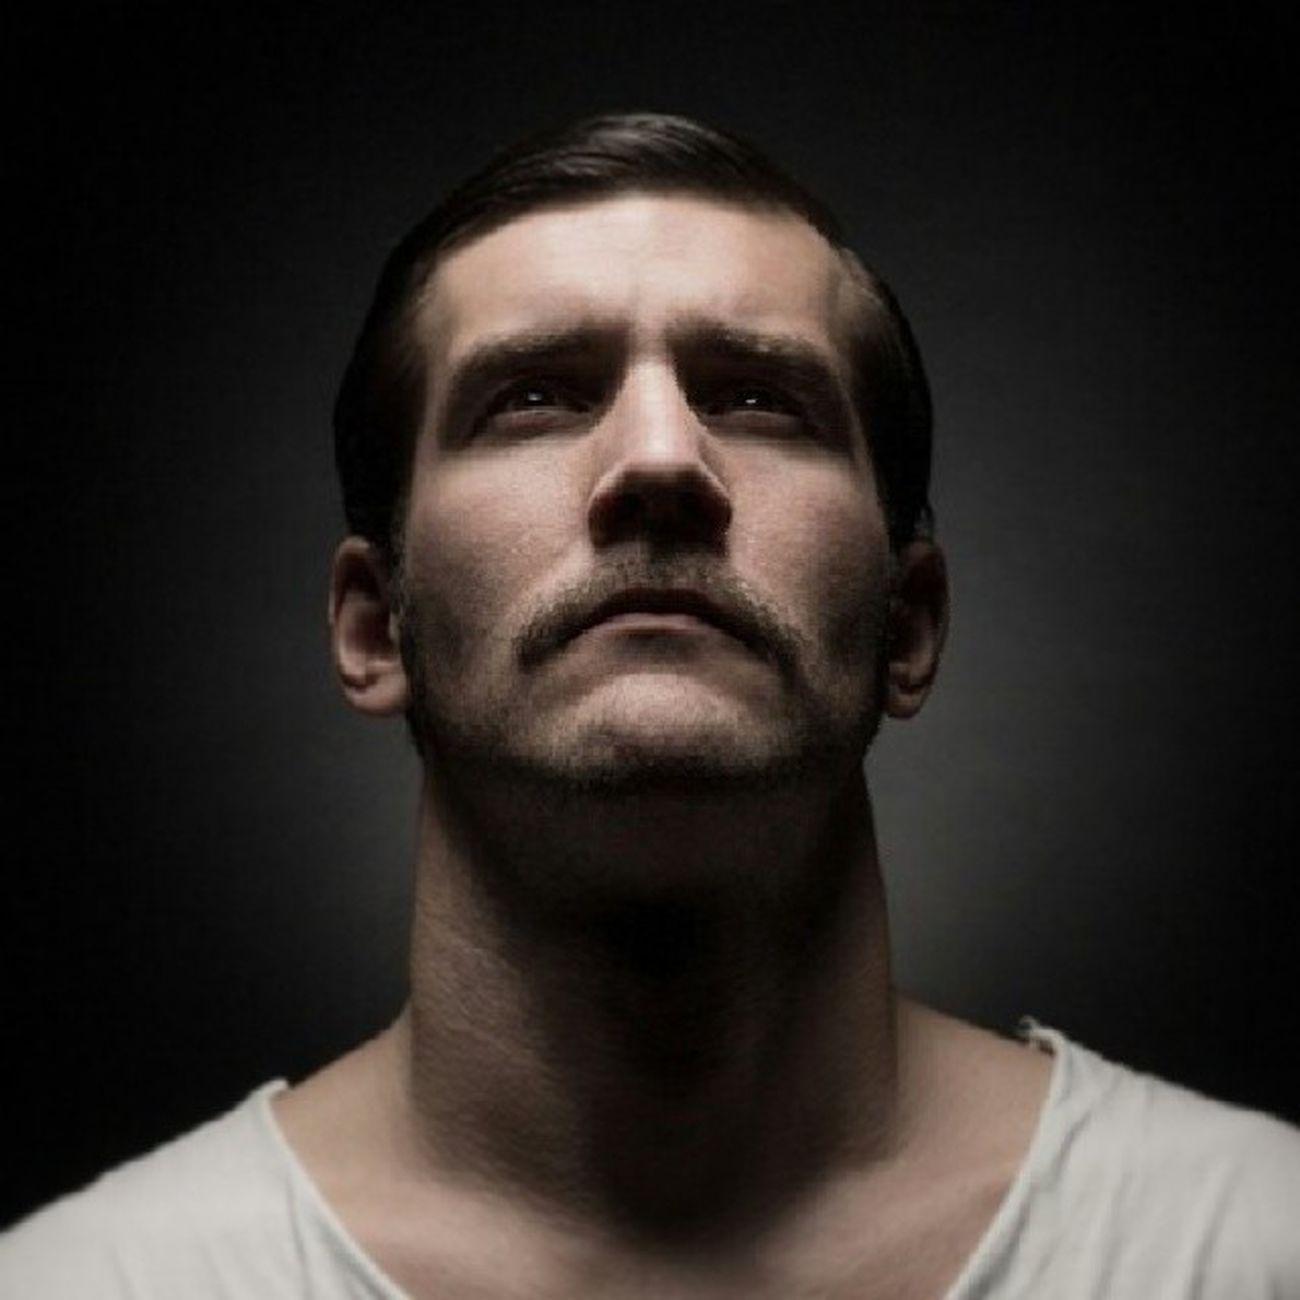 Boxer Filmnoir Male Model german cologne notrb shooting elinchrom canon superfotografie portrait studio